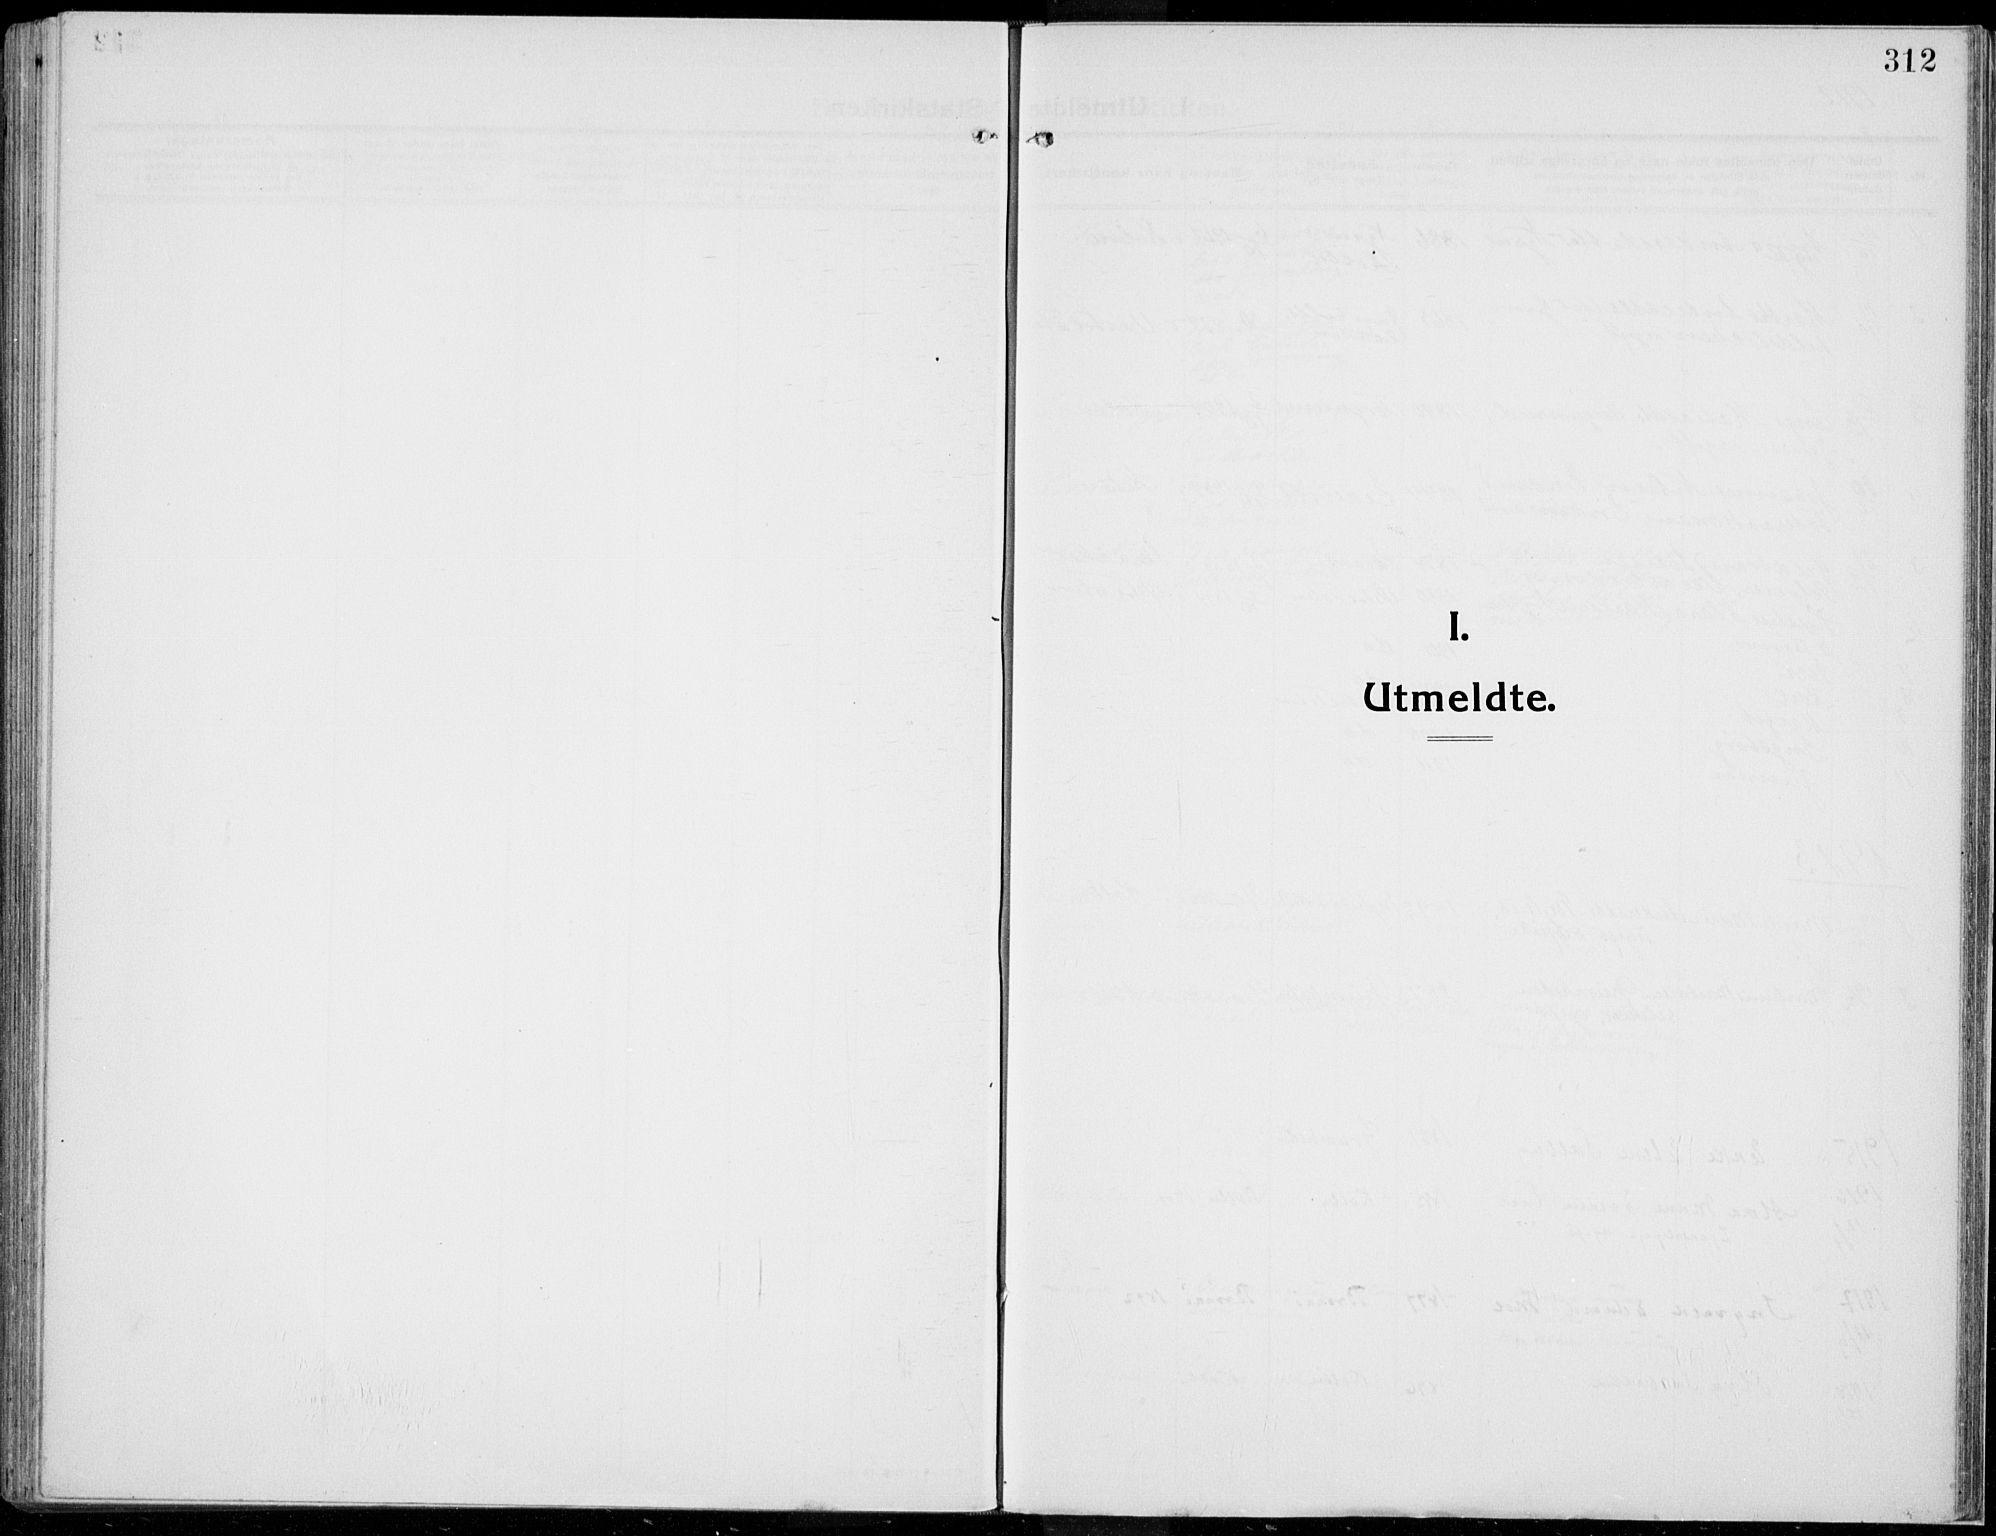 SAH, Kolbu prestekontor, Ministerialbok nr. 2, 1912-1926, s. 312